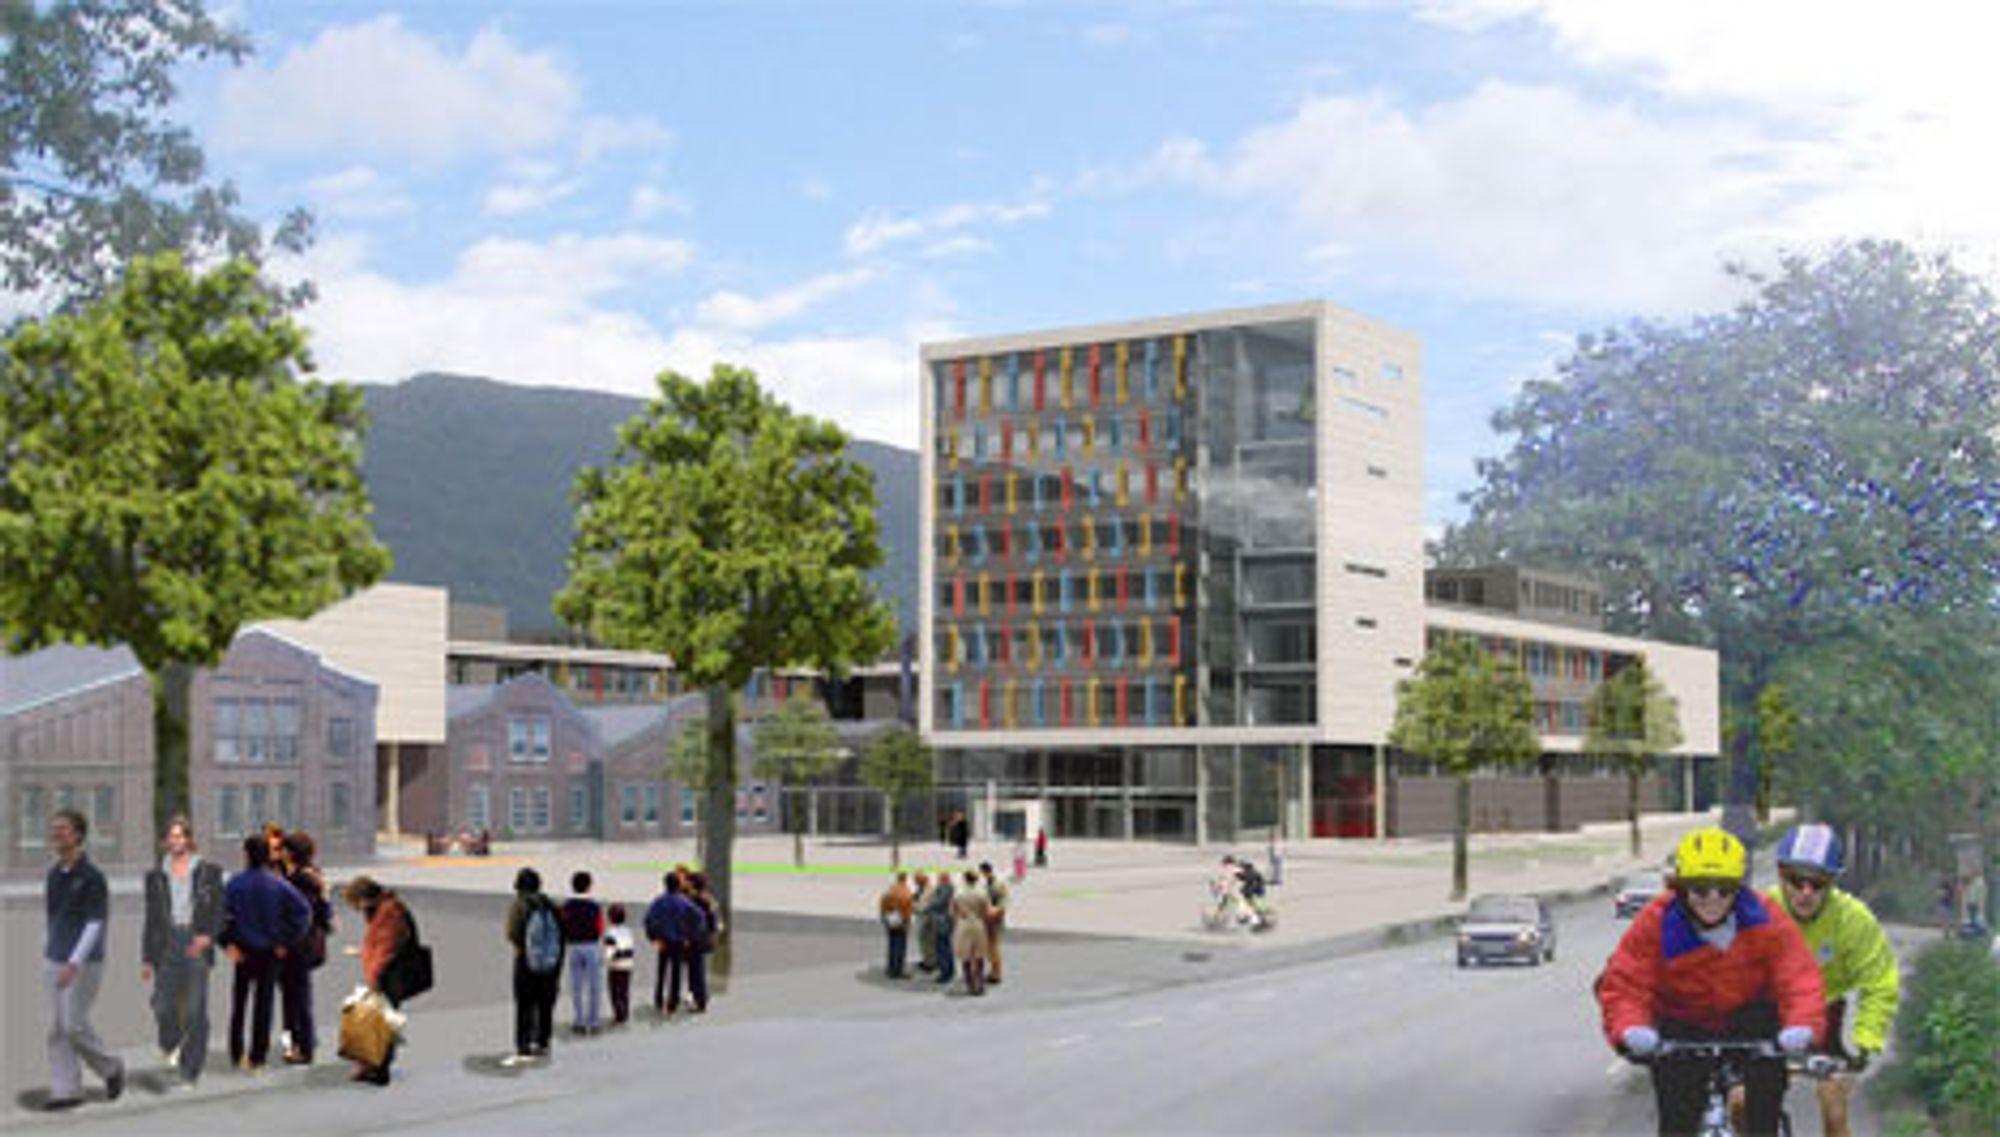 Byggestart for den nye Høgskolen i Bergen på Kronstad er stipulert til 2006. I tillegg til et helt nytt bygg, skal de også ta i bruk de fredede verkstedlokalene til NSB (til venstre på illustrasjonen)